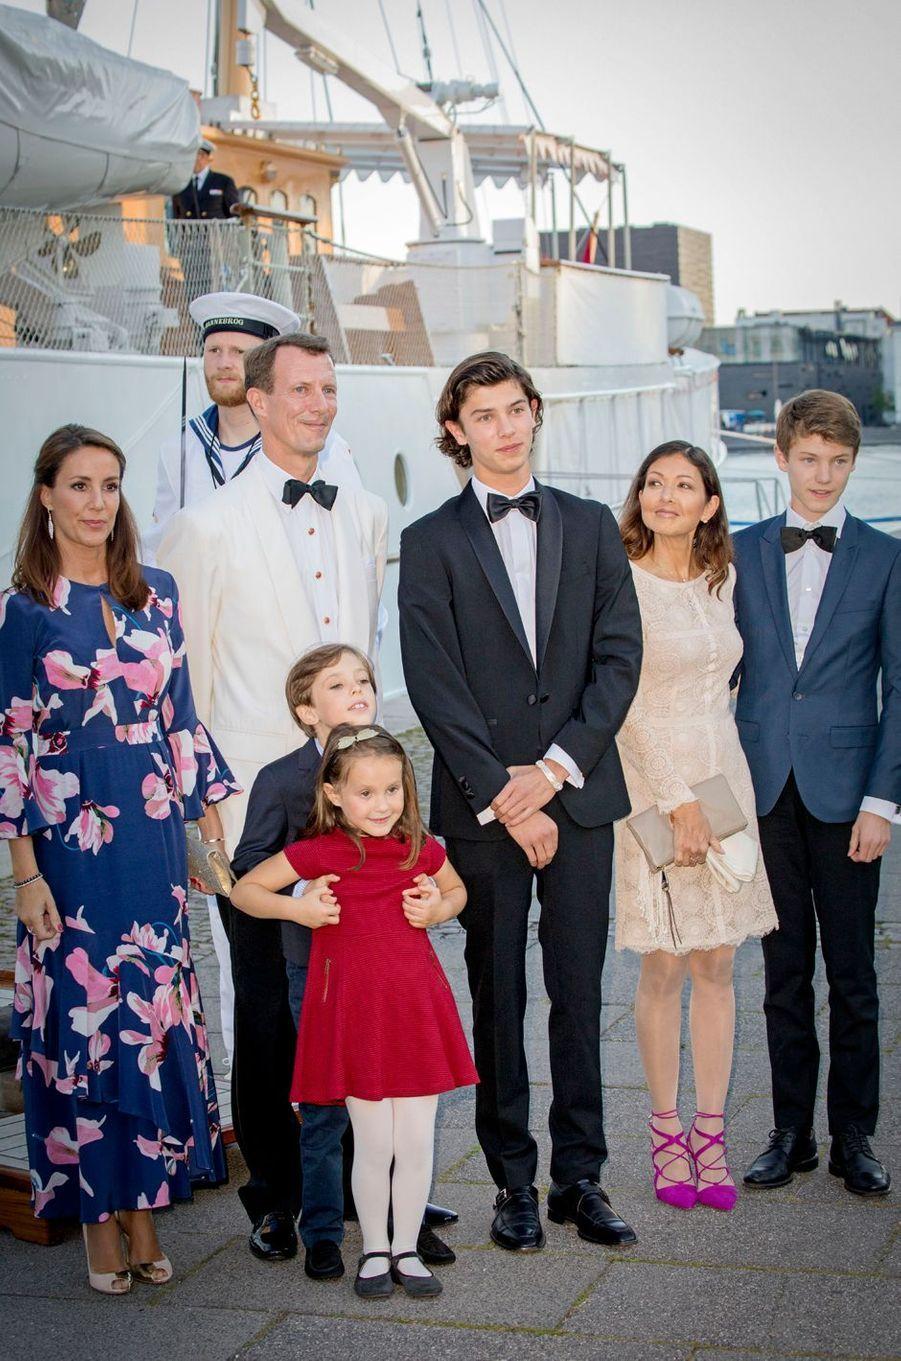 Le prince Joachim, la princesse Marie, Alexandra Manley et leurs enfants à Copenhague, le 28 août 2017